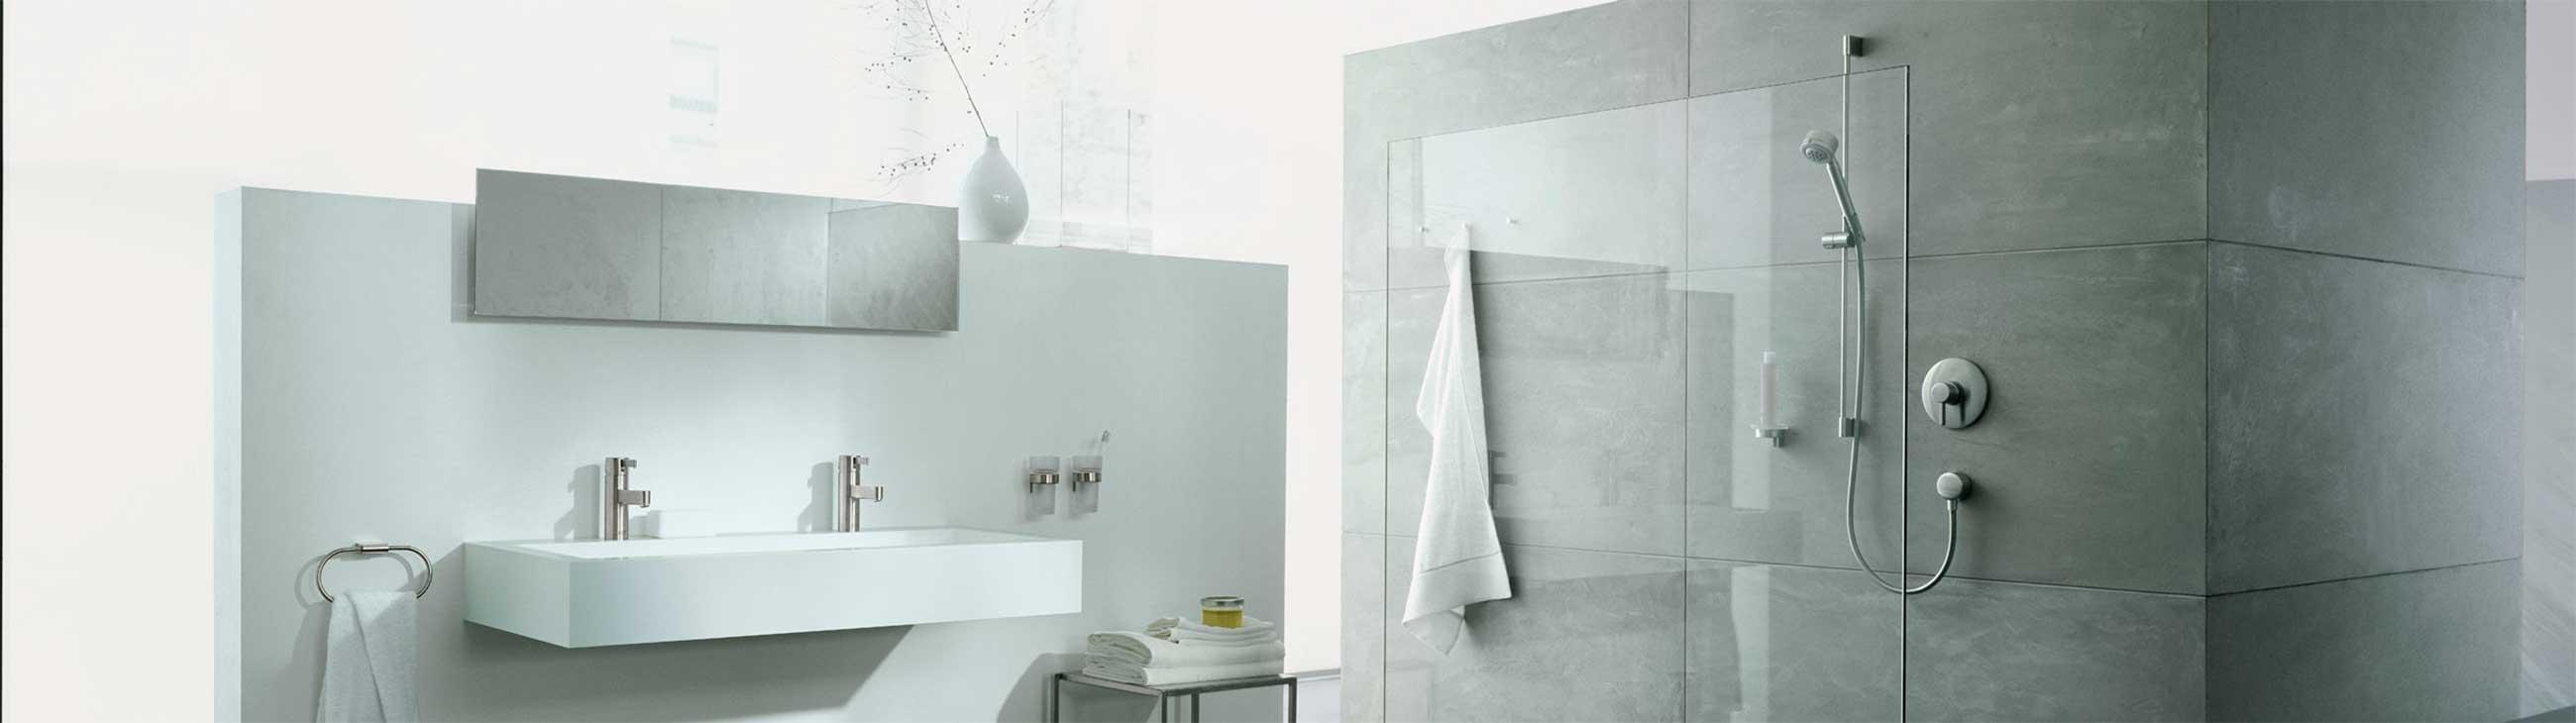 Bilde av baderomsinnredning og dusjvegg